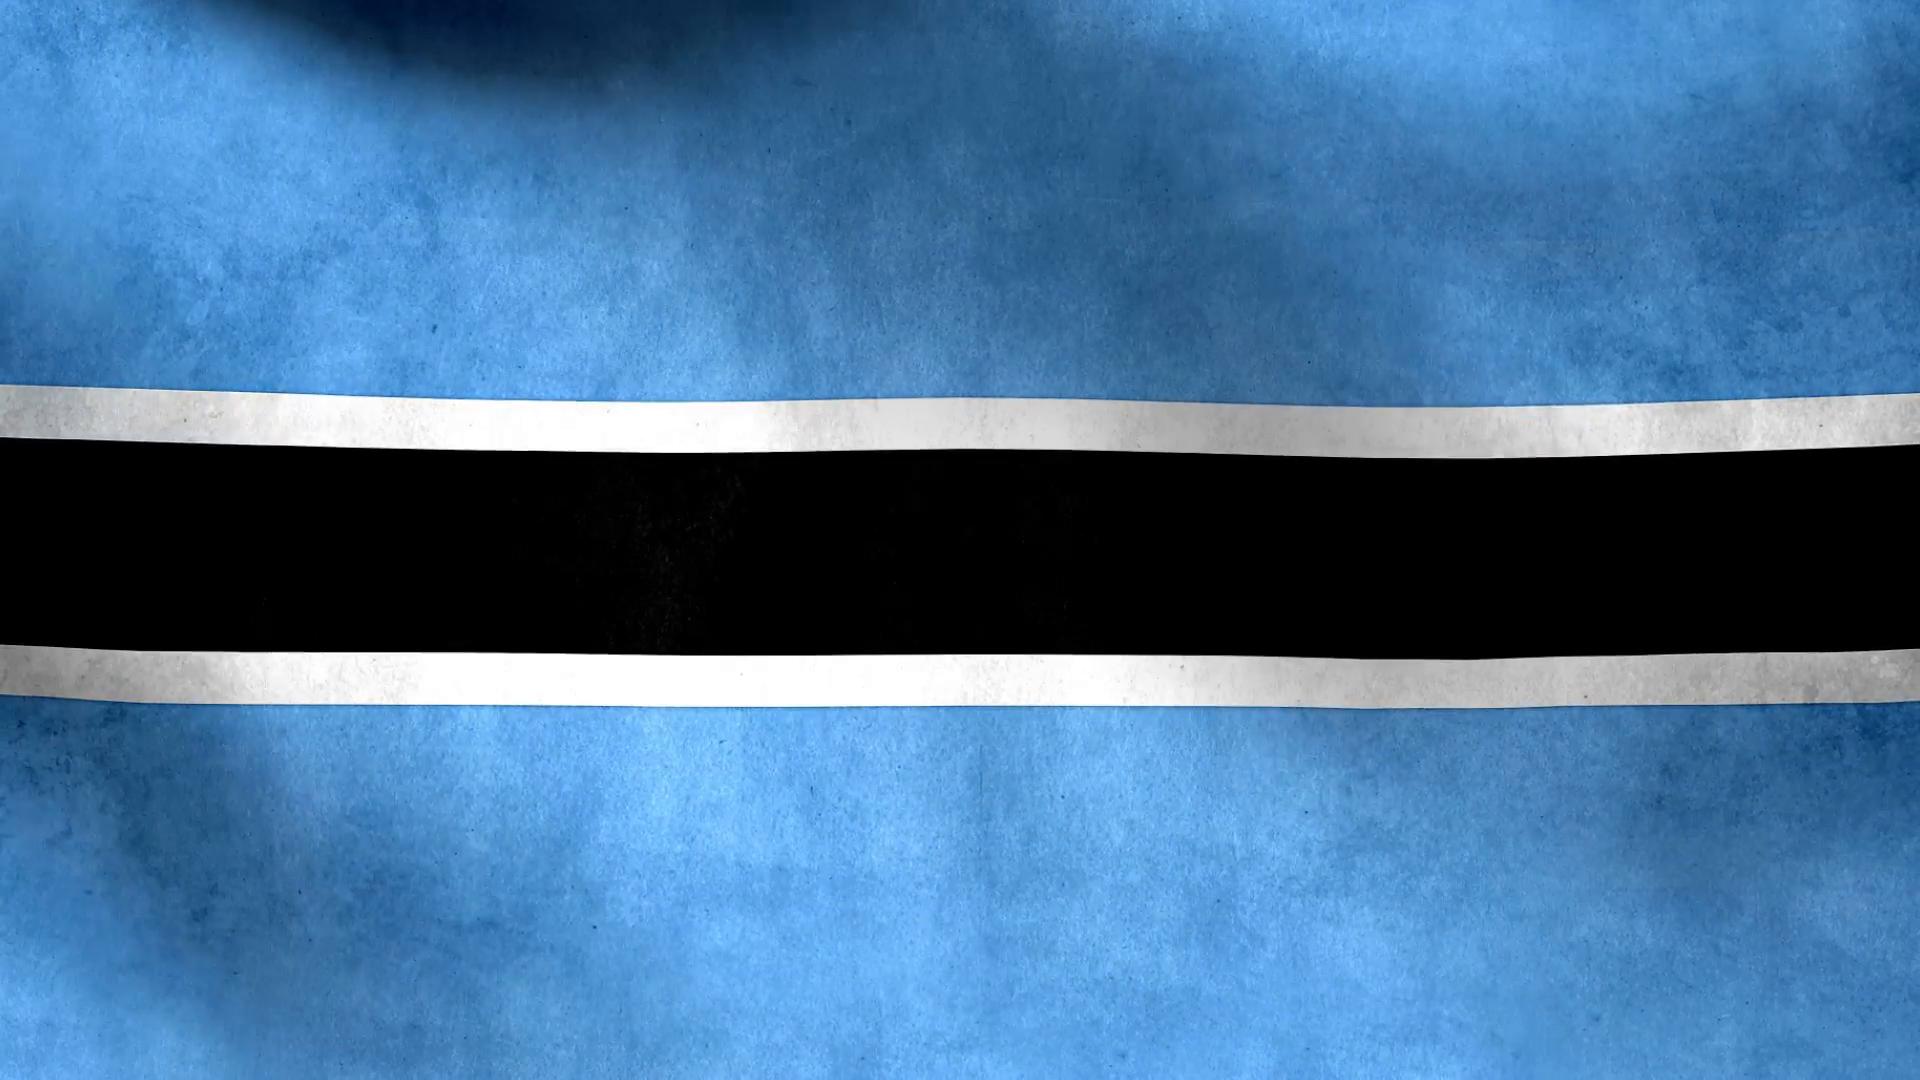 National flag of Botswana grunge background Motion Background ...